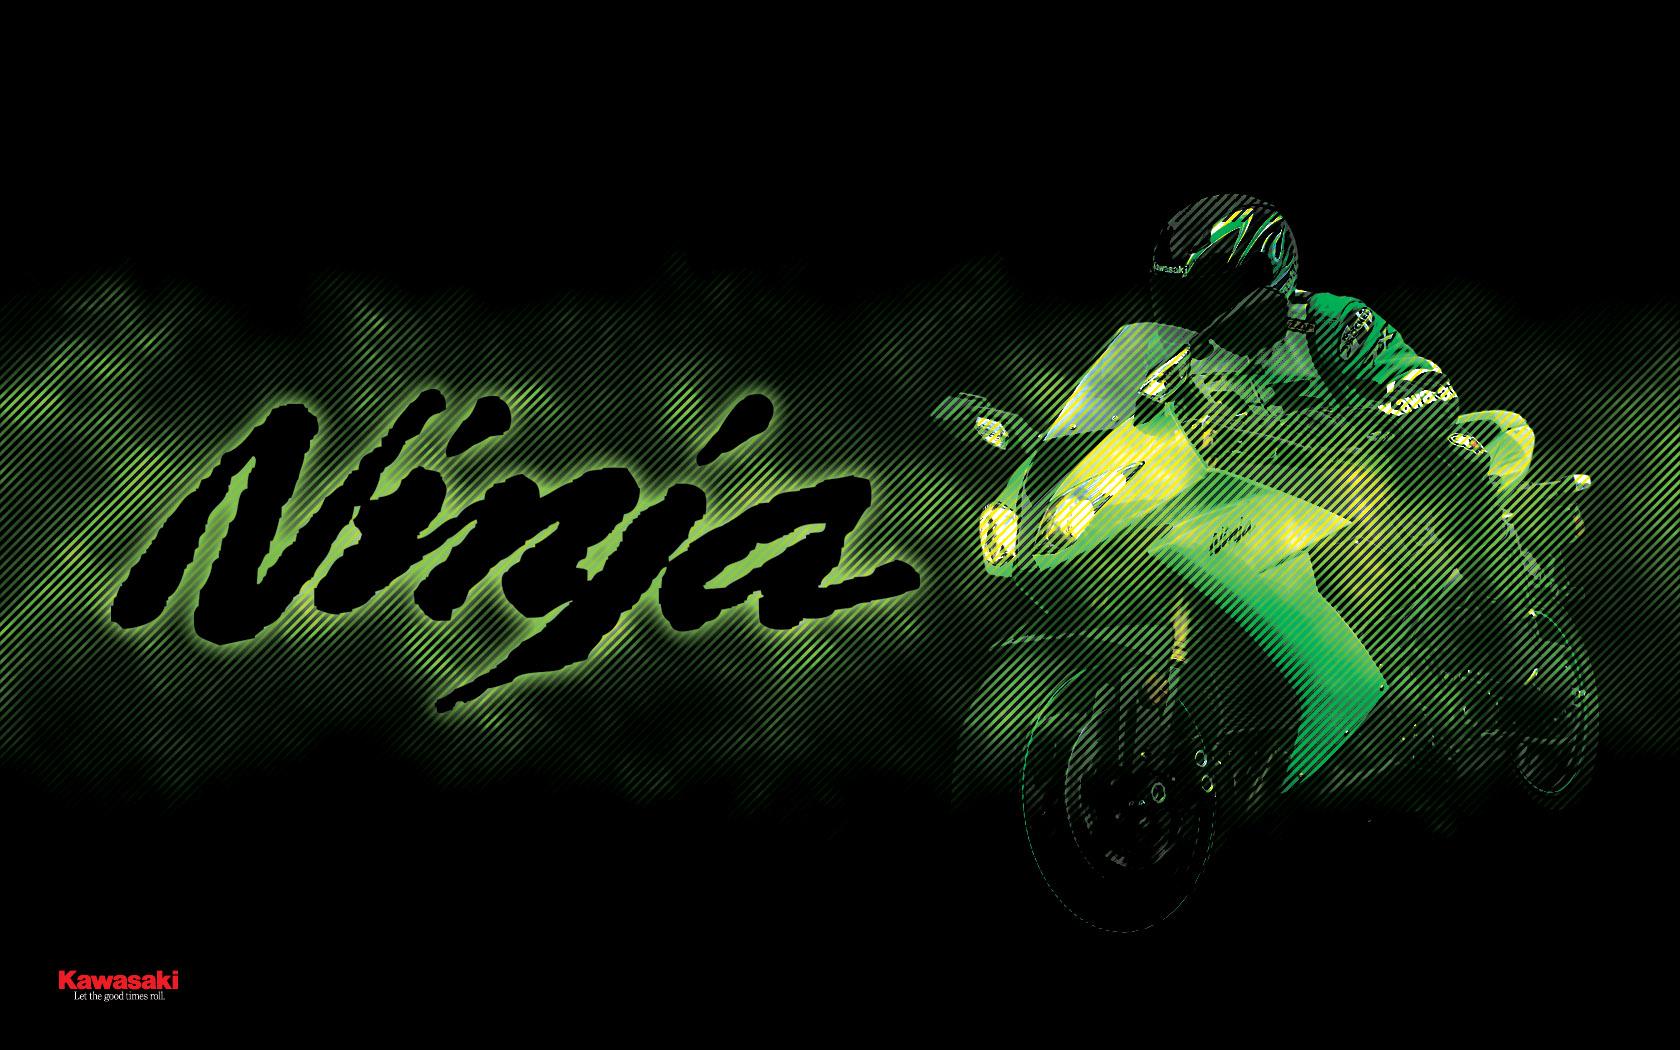 Kawasaki Ninja 2008 By Djog